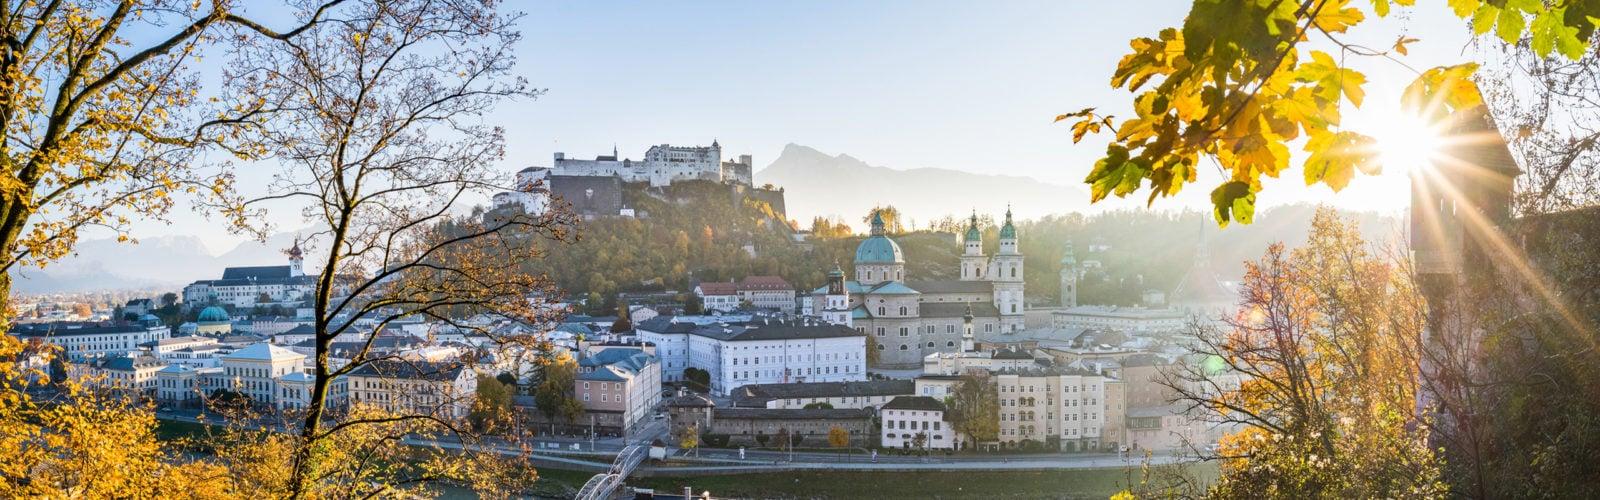 old-town-salzburg-austria